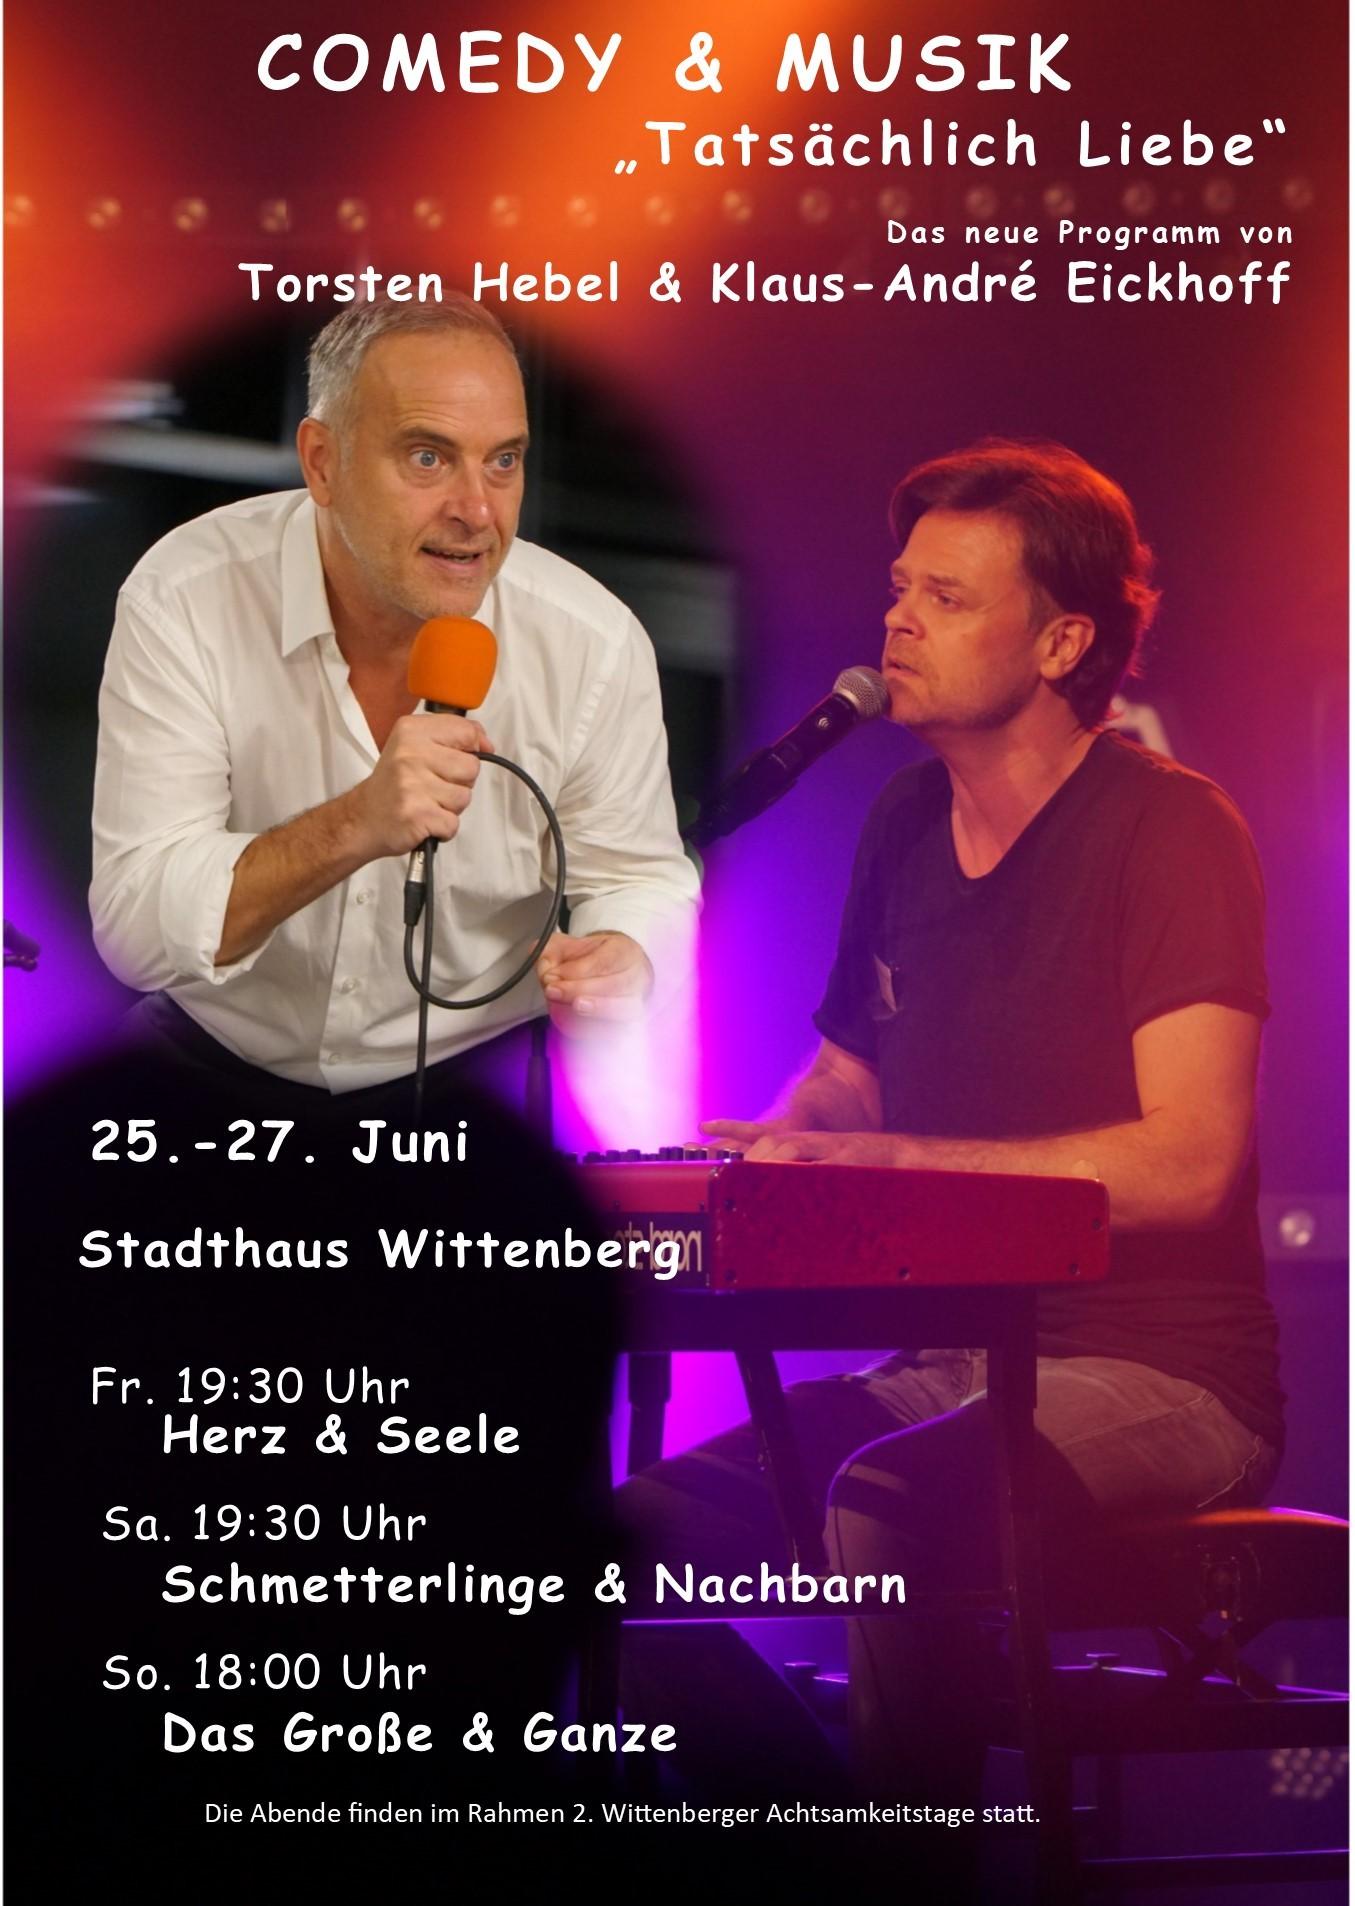 """Comedy & Musik """"Tatsächlich Liebe"""" - Herz & Seele"""